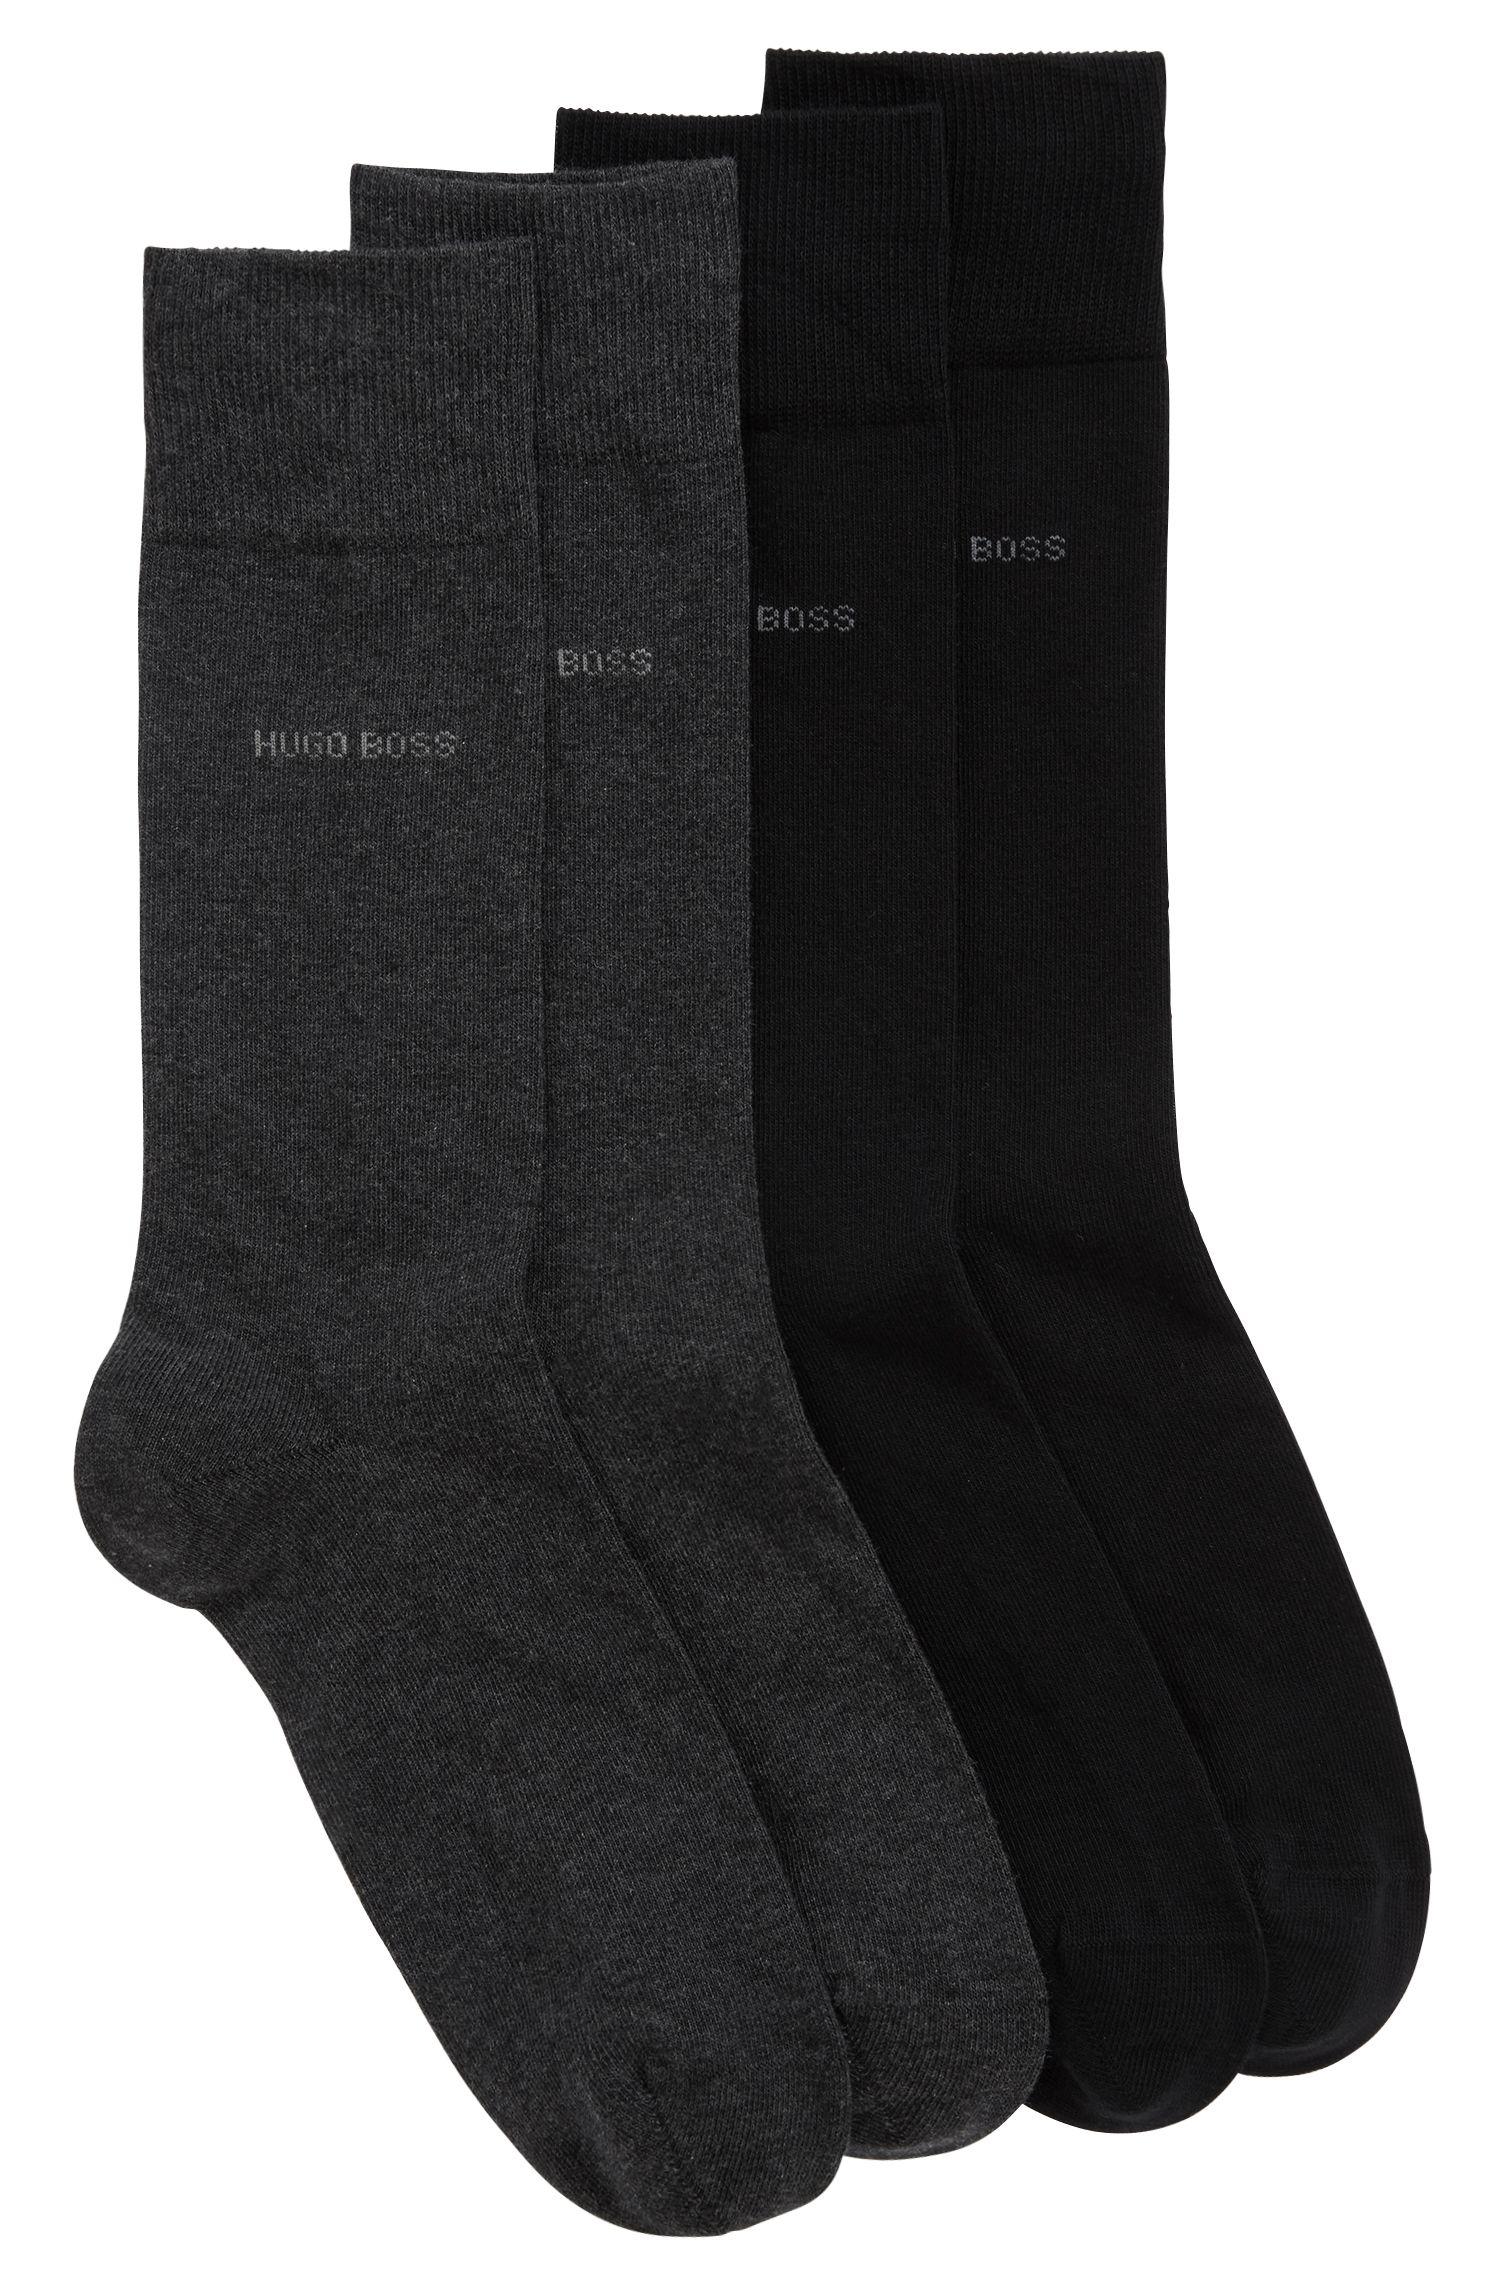 Lot de deux paires de chaussettes en coton mélangé, dans leur pochette de transport, Noir